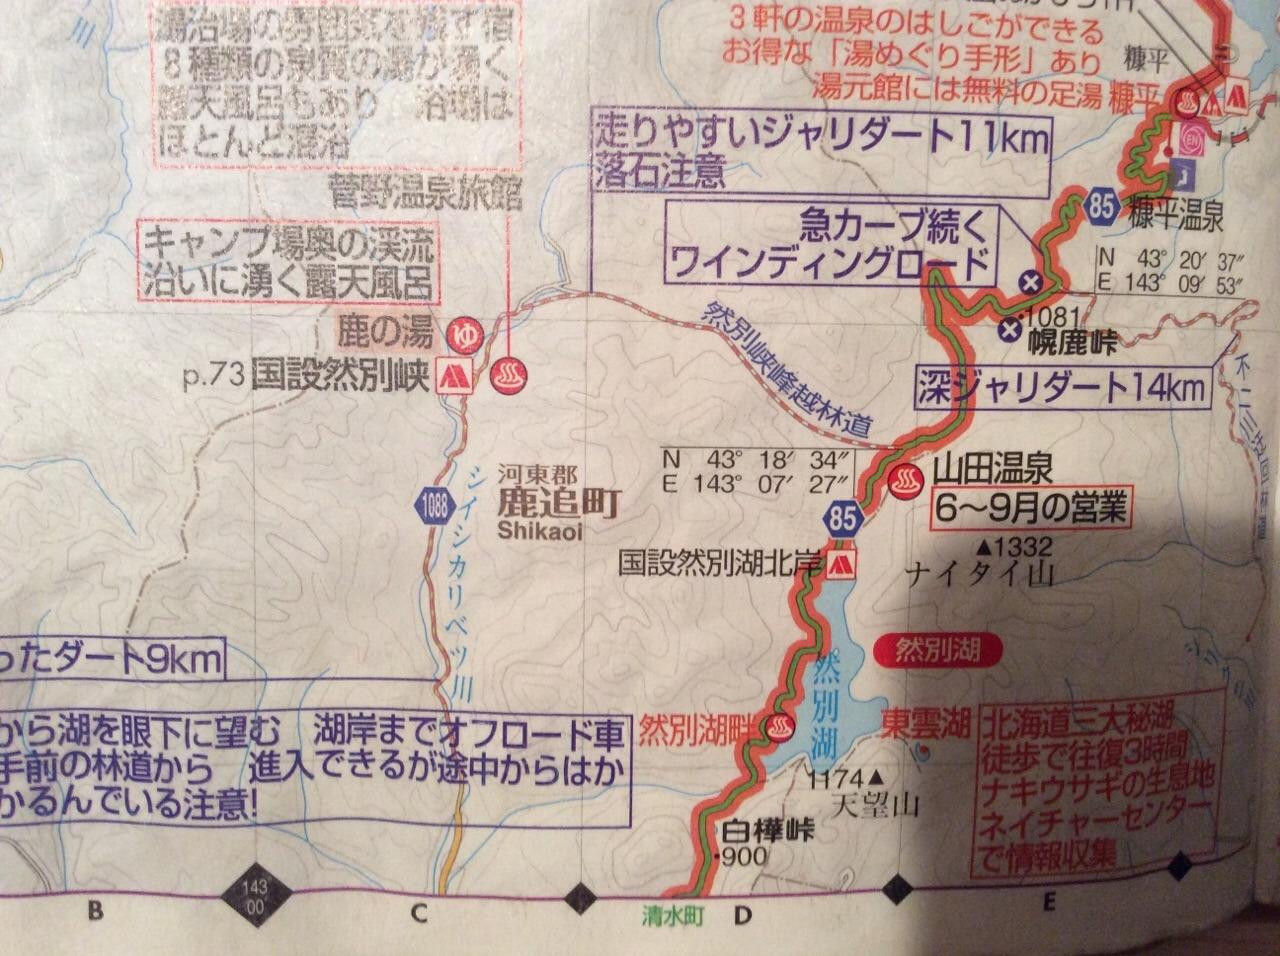 【チャレンジ】岩間温泉ツーリング_e0159646_443256.jpg